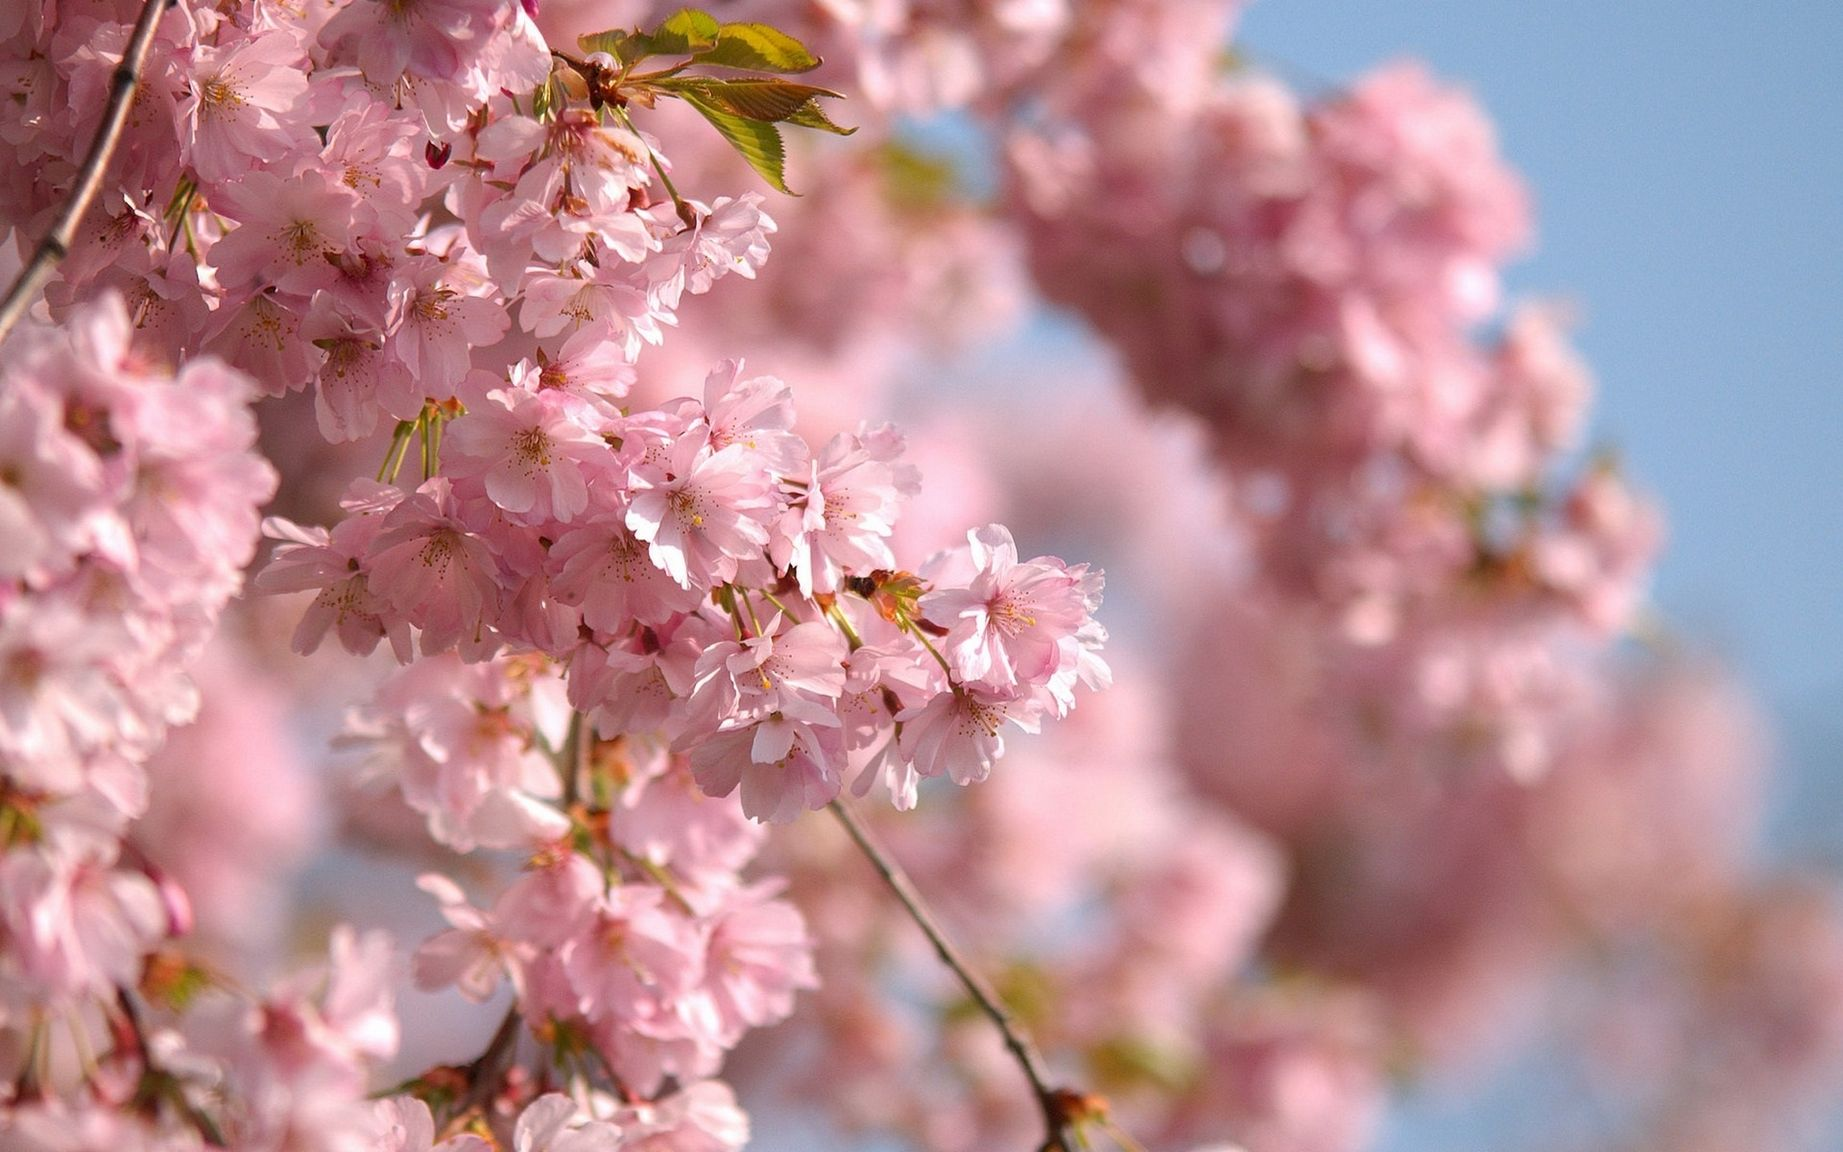 правильно весна картинки красивые розовые обнаружение